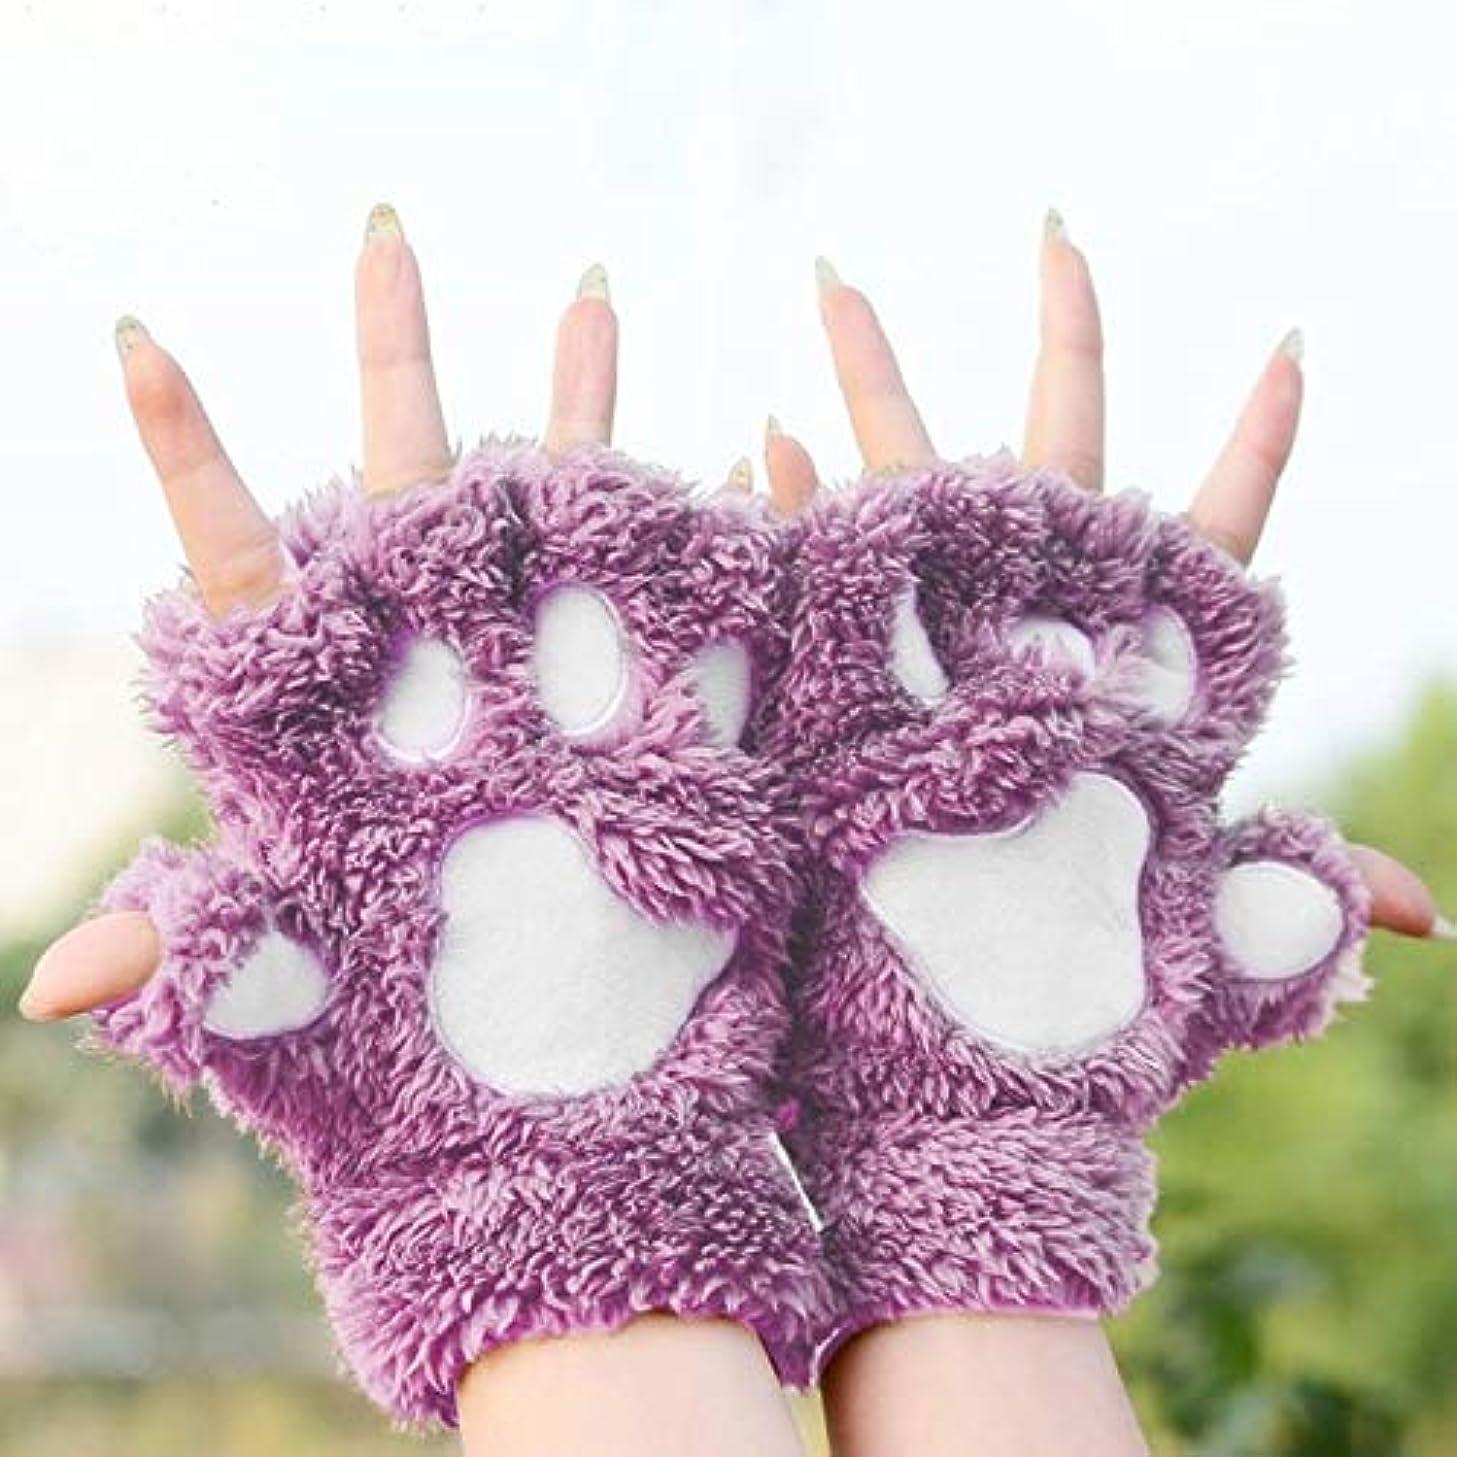 動かない帰る極貧BAJIMI 手袋 グローブ レディース/メンズ ハンド ケア 冬のラブリー漫画猫クローレディグローブ太いクイックDownlike足ハーフフィンガーグローブ 裏起毛 おしゃれ 手触りが良い 運転 耐磨耗性 換気性